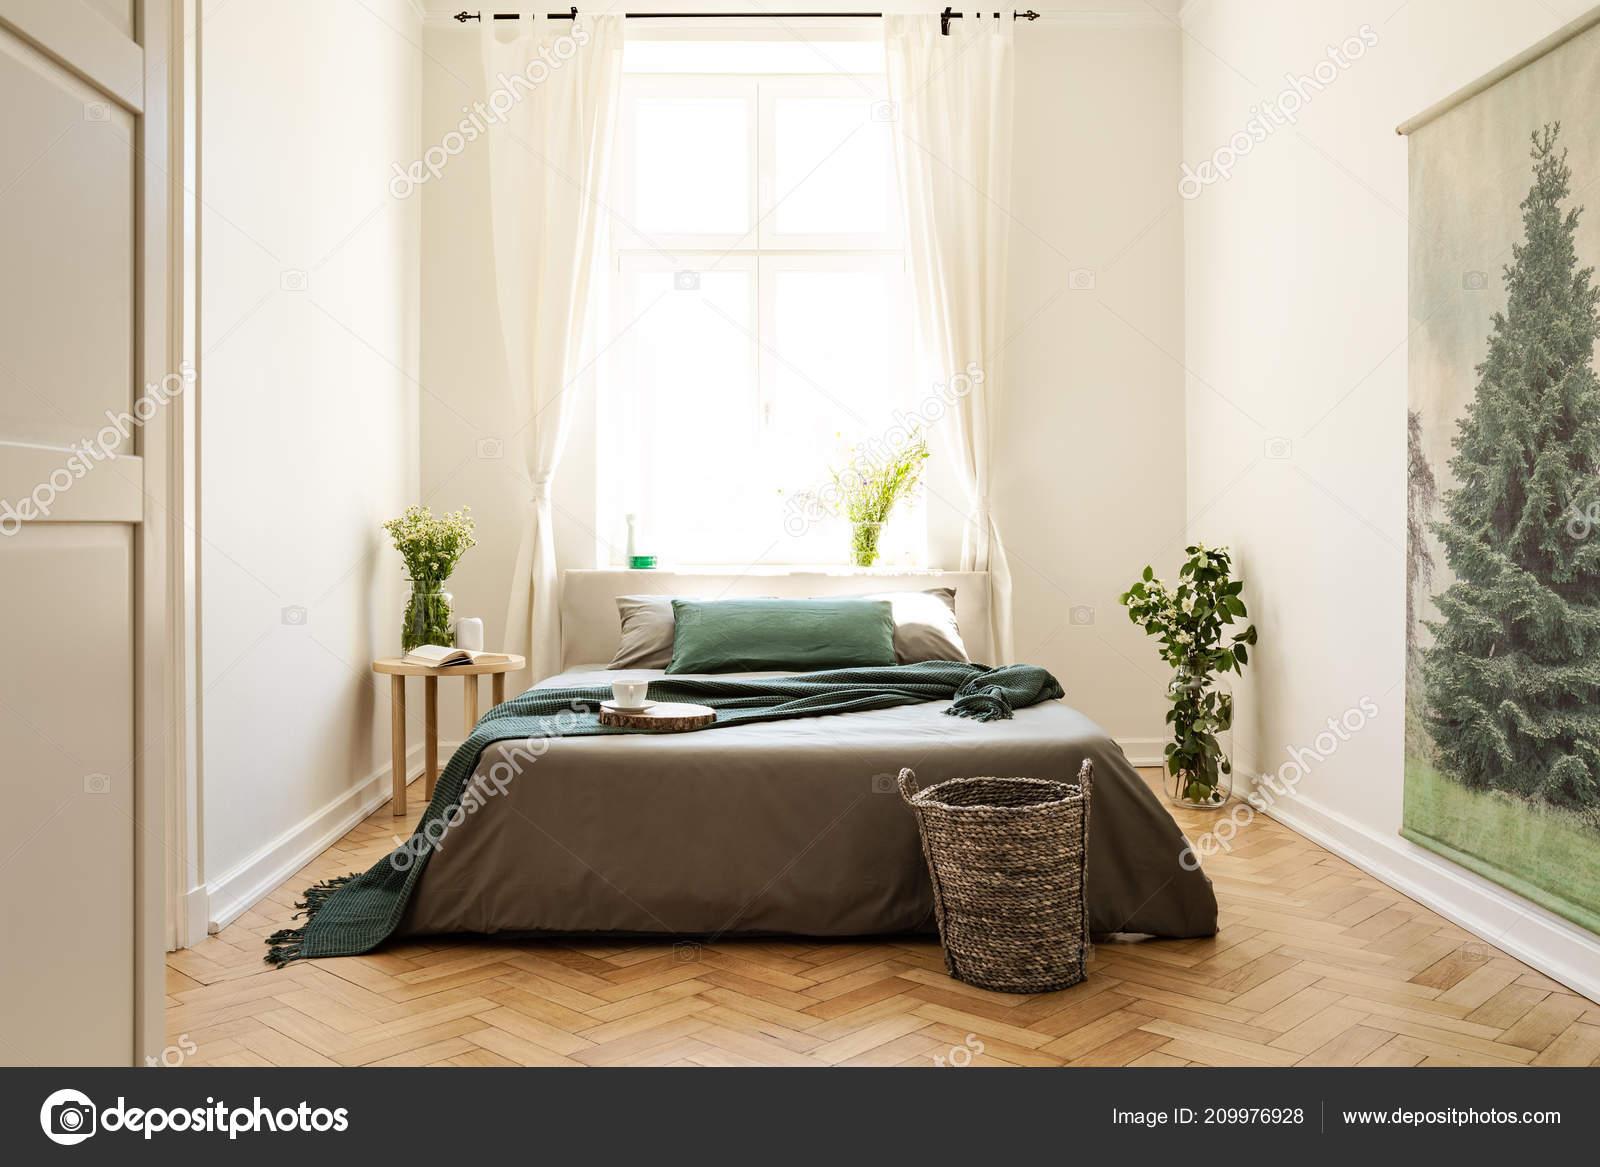 Grüne Decke Auf Bett Und Pflanzen Schlafzimmer Innenraum Mit ...